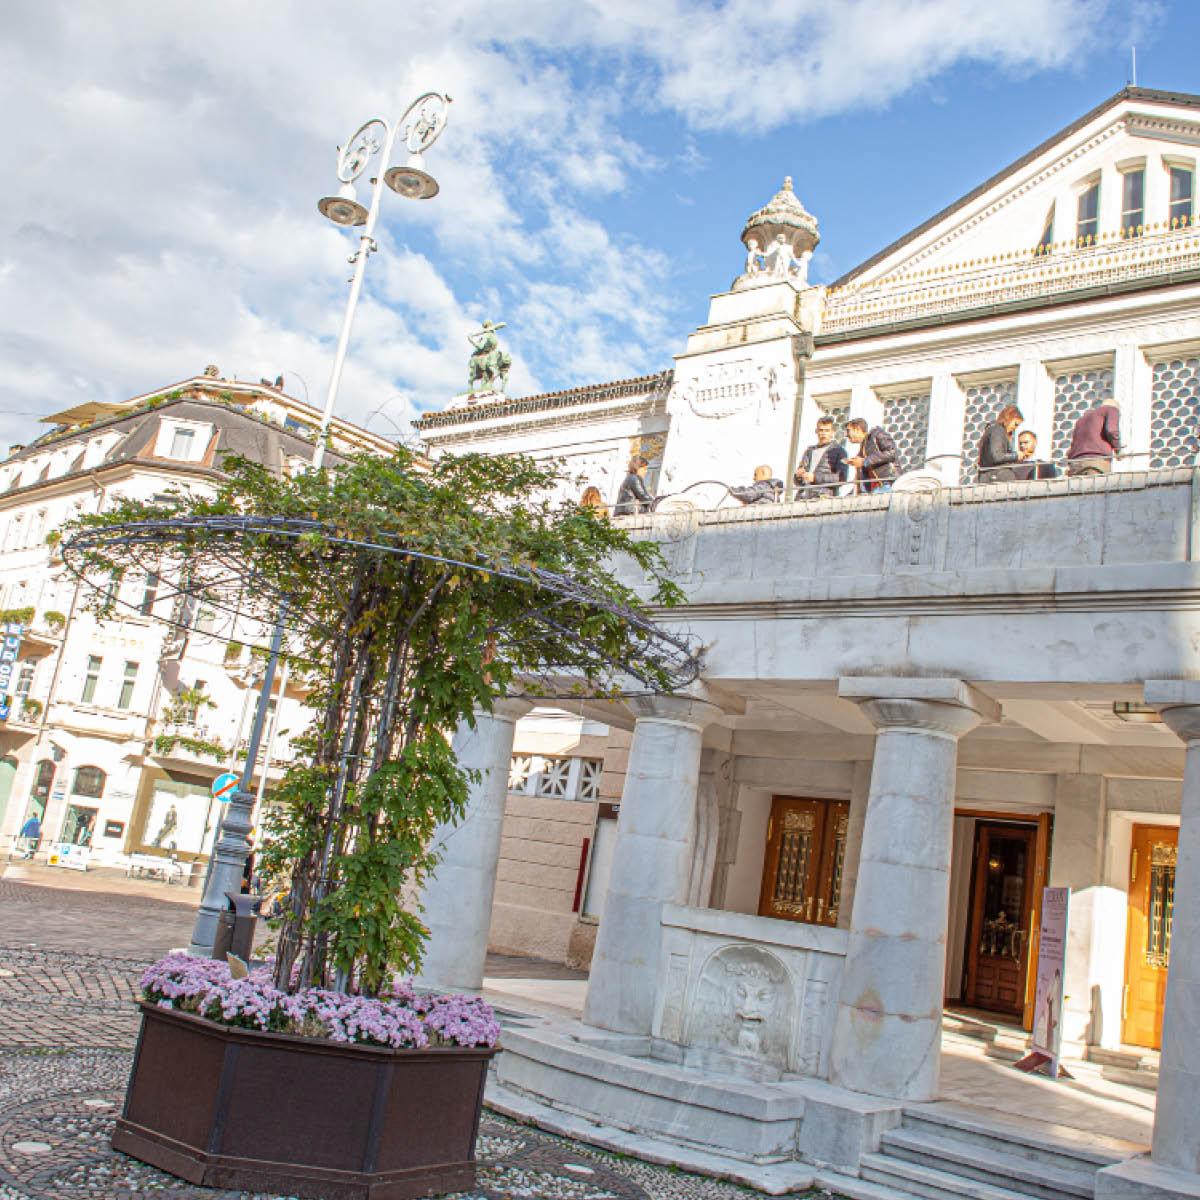 Il Teatropuccini è un capolavoro architettonico nel cuore di Merano e location per i convegni del Merano WineFestival